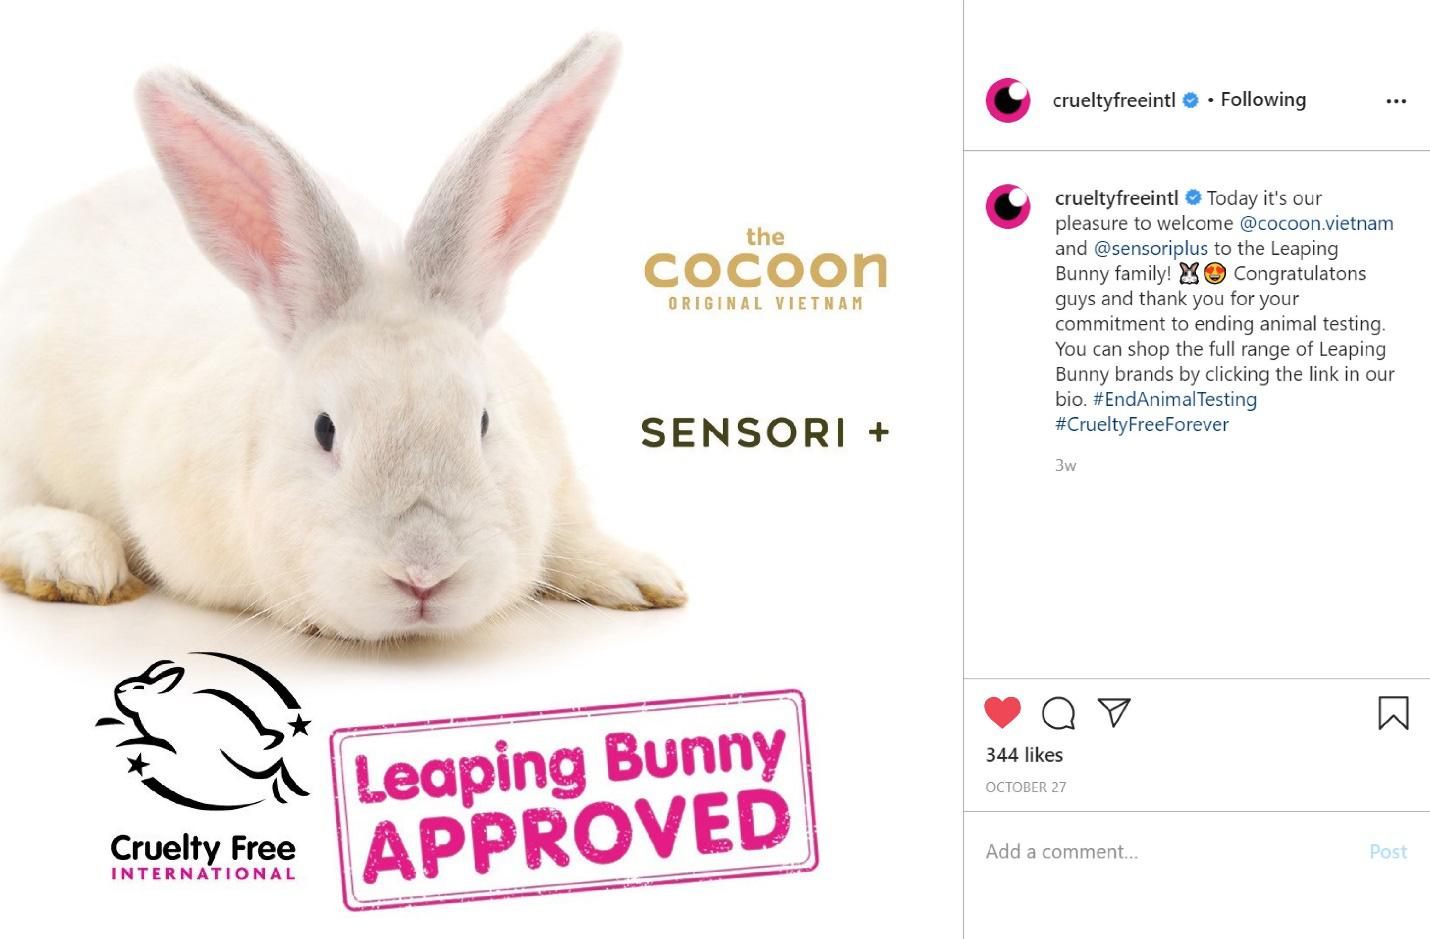 Cocoon - Mỹ phẩm Việt đầu tiên góp mặt trong danh sách không thử nghiệm trên động vật của Leaping Bunny - Ảnh 3.